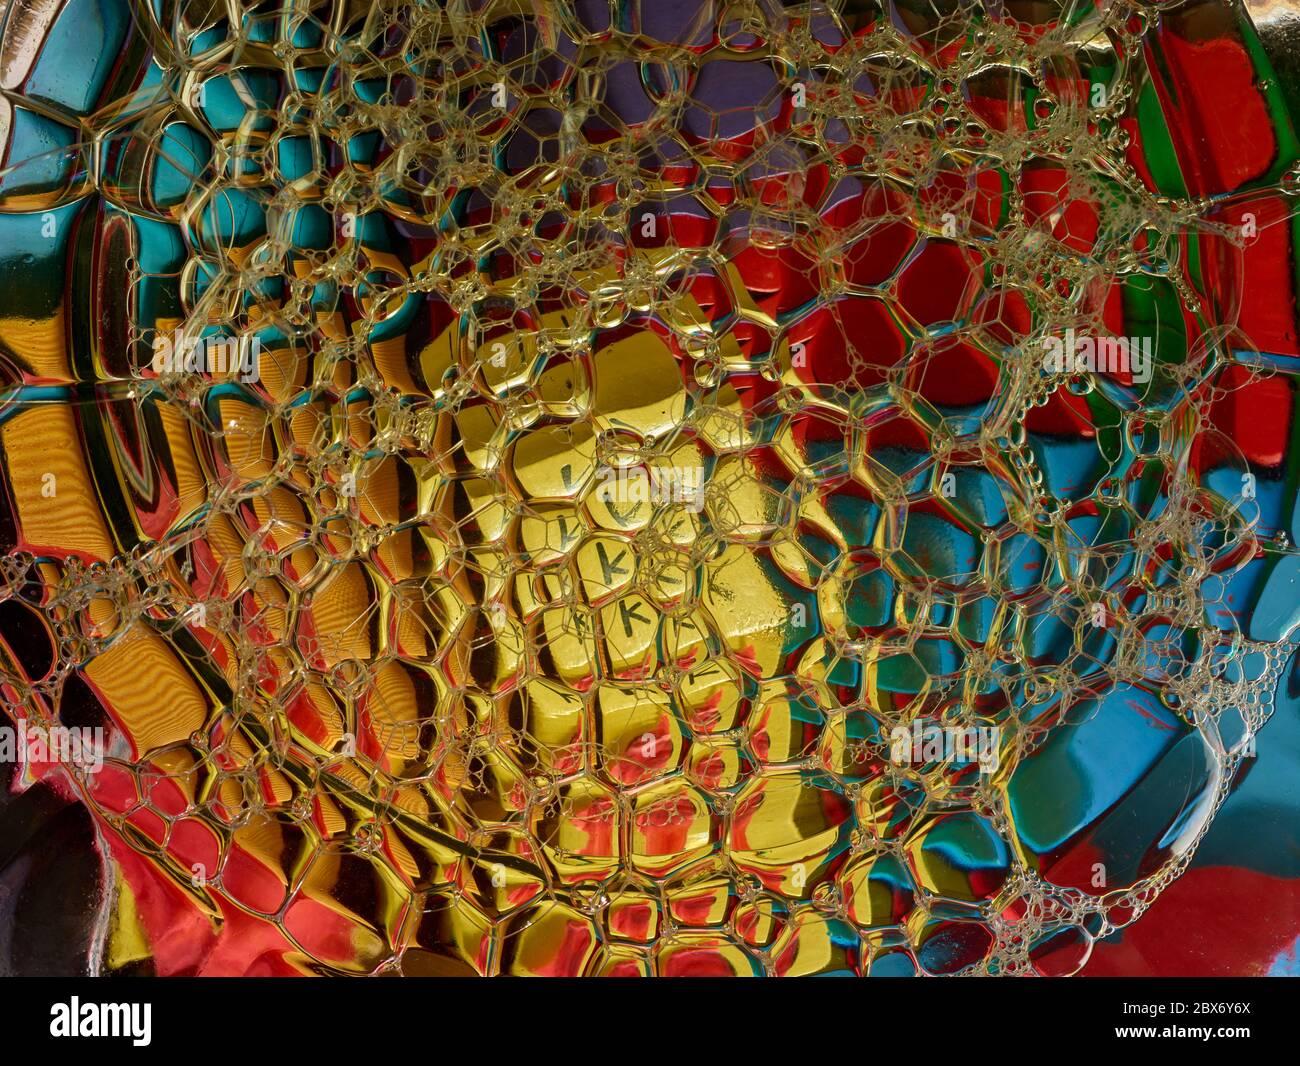 Plan conceptuel de la vie de bulles colorées sur une surface liquide, motifs texturés Banque D'Images